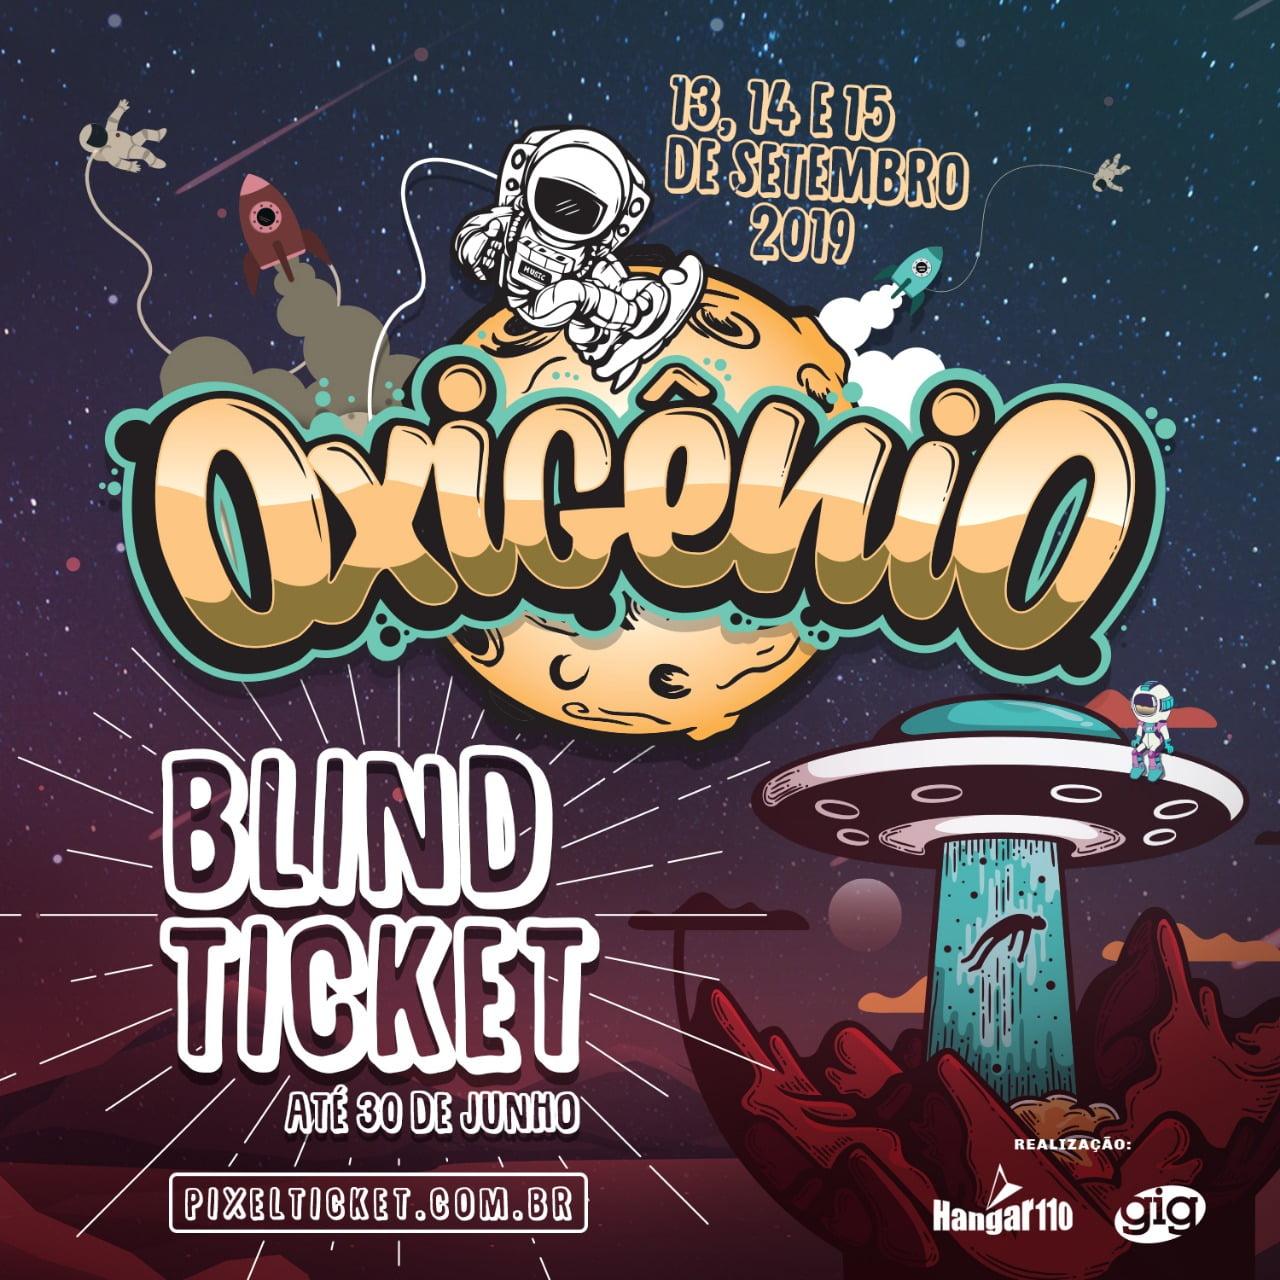 Oxigênio Festival inicia venda do blind ticket para a edição 2019